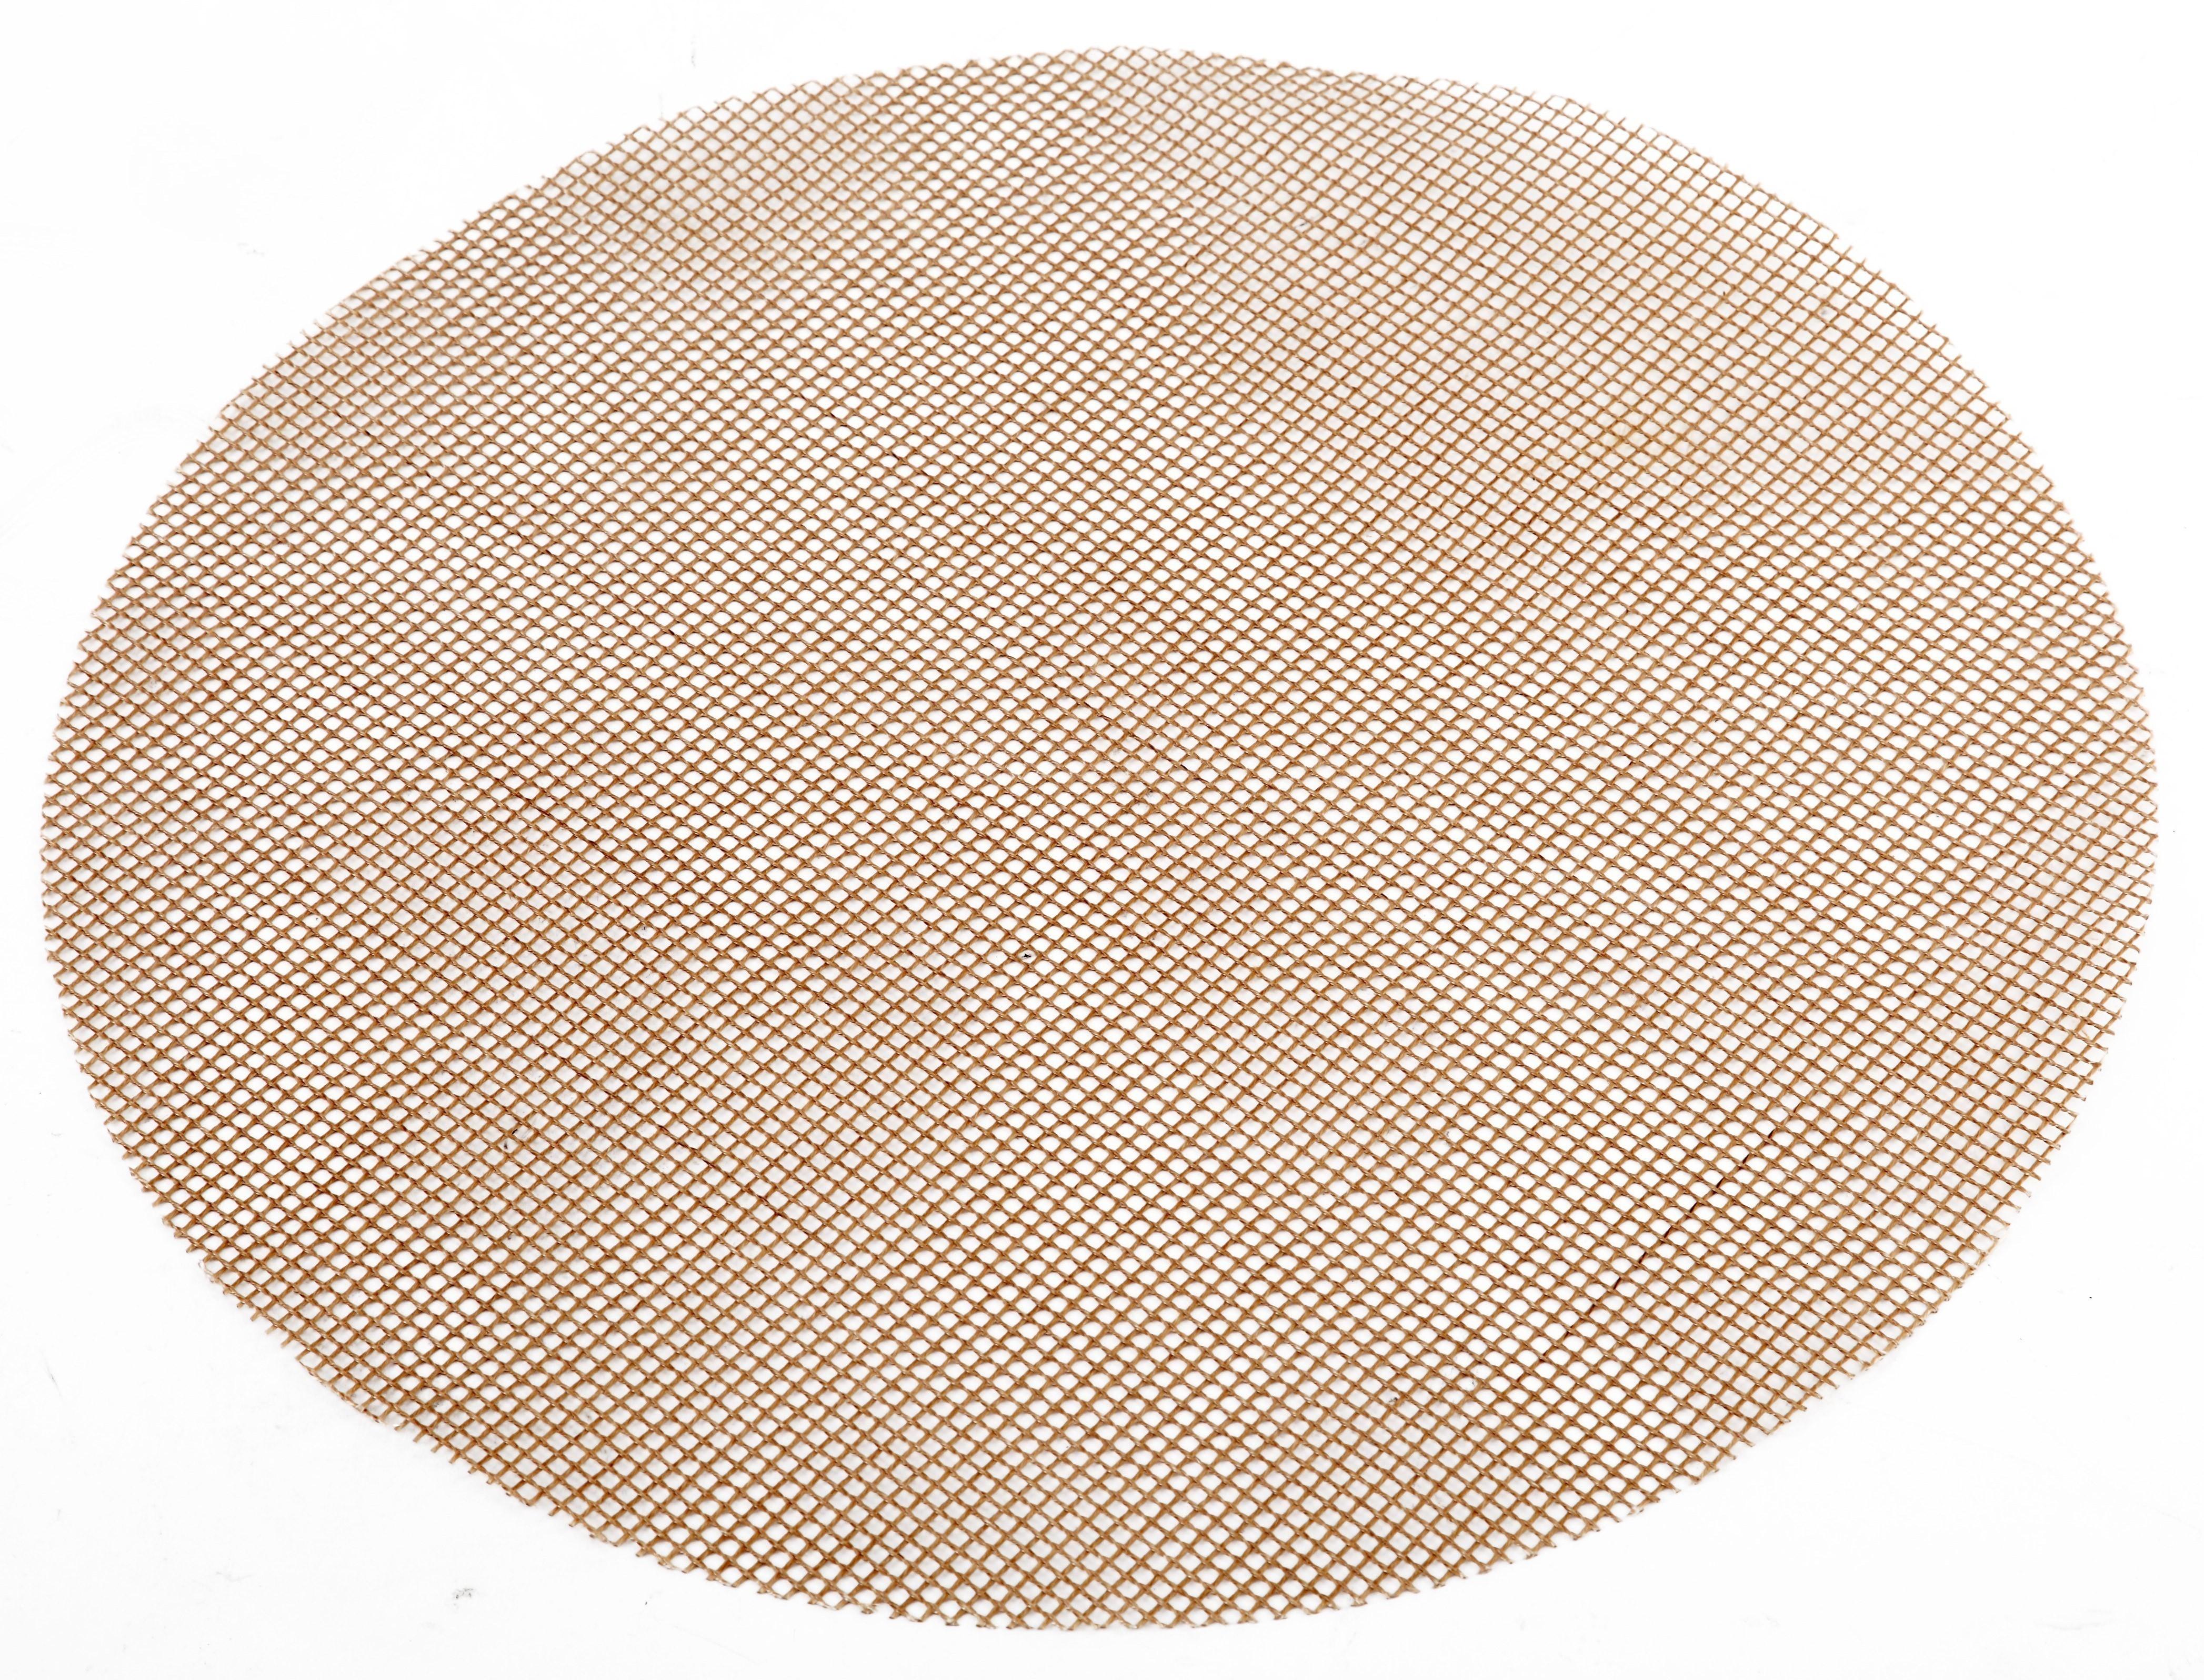 Tepro Grillmatte / Backmatte antihaftbeschichtet rund Ø52cm Bild 1